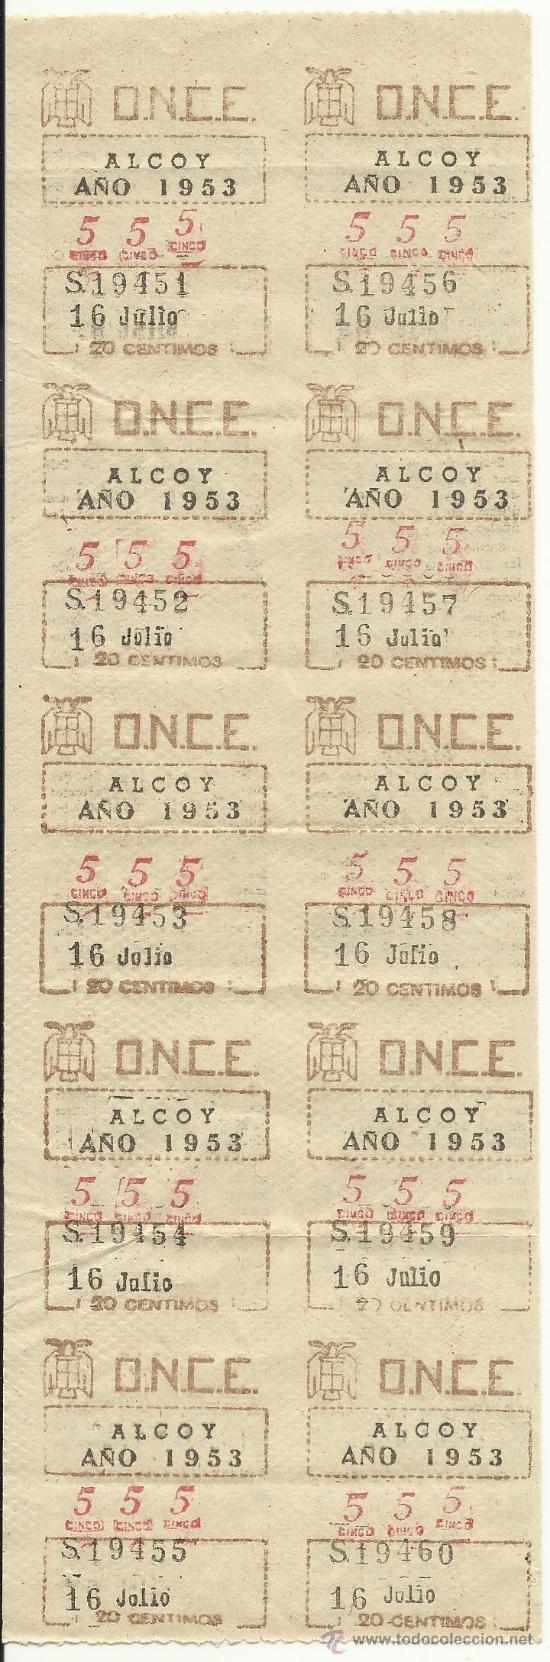 ANTIGUAS TIRAS ,SERIES DE LA ONCE ALCOY (ALICANTE)-AÑO 1953-16 DE JULIO. Nº 555 SERIE 19451-19460 (Coleccionismo - Lotería - Cupones ONCE)